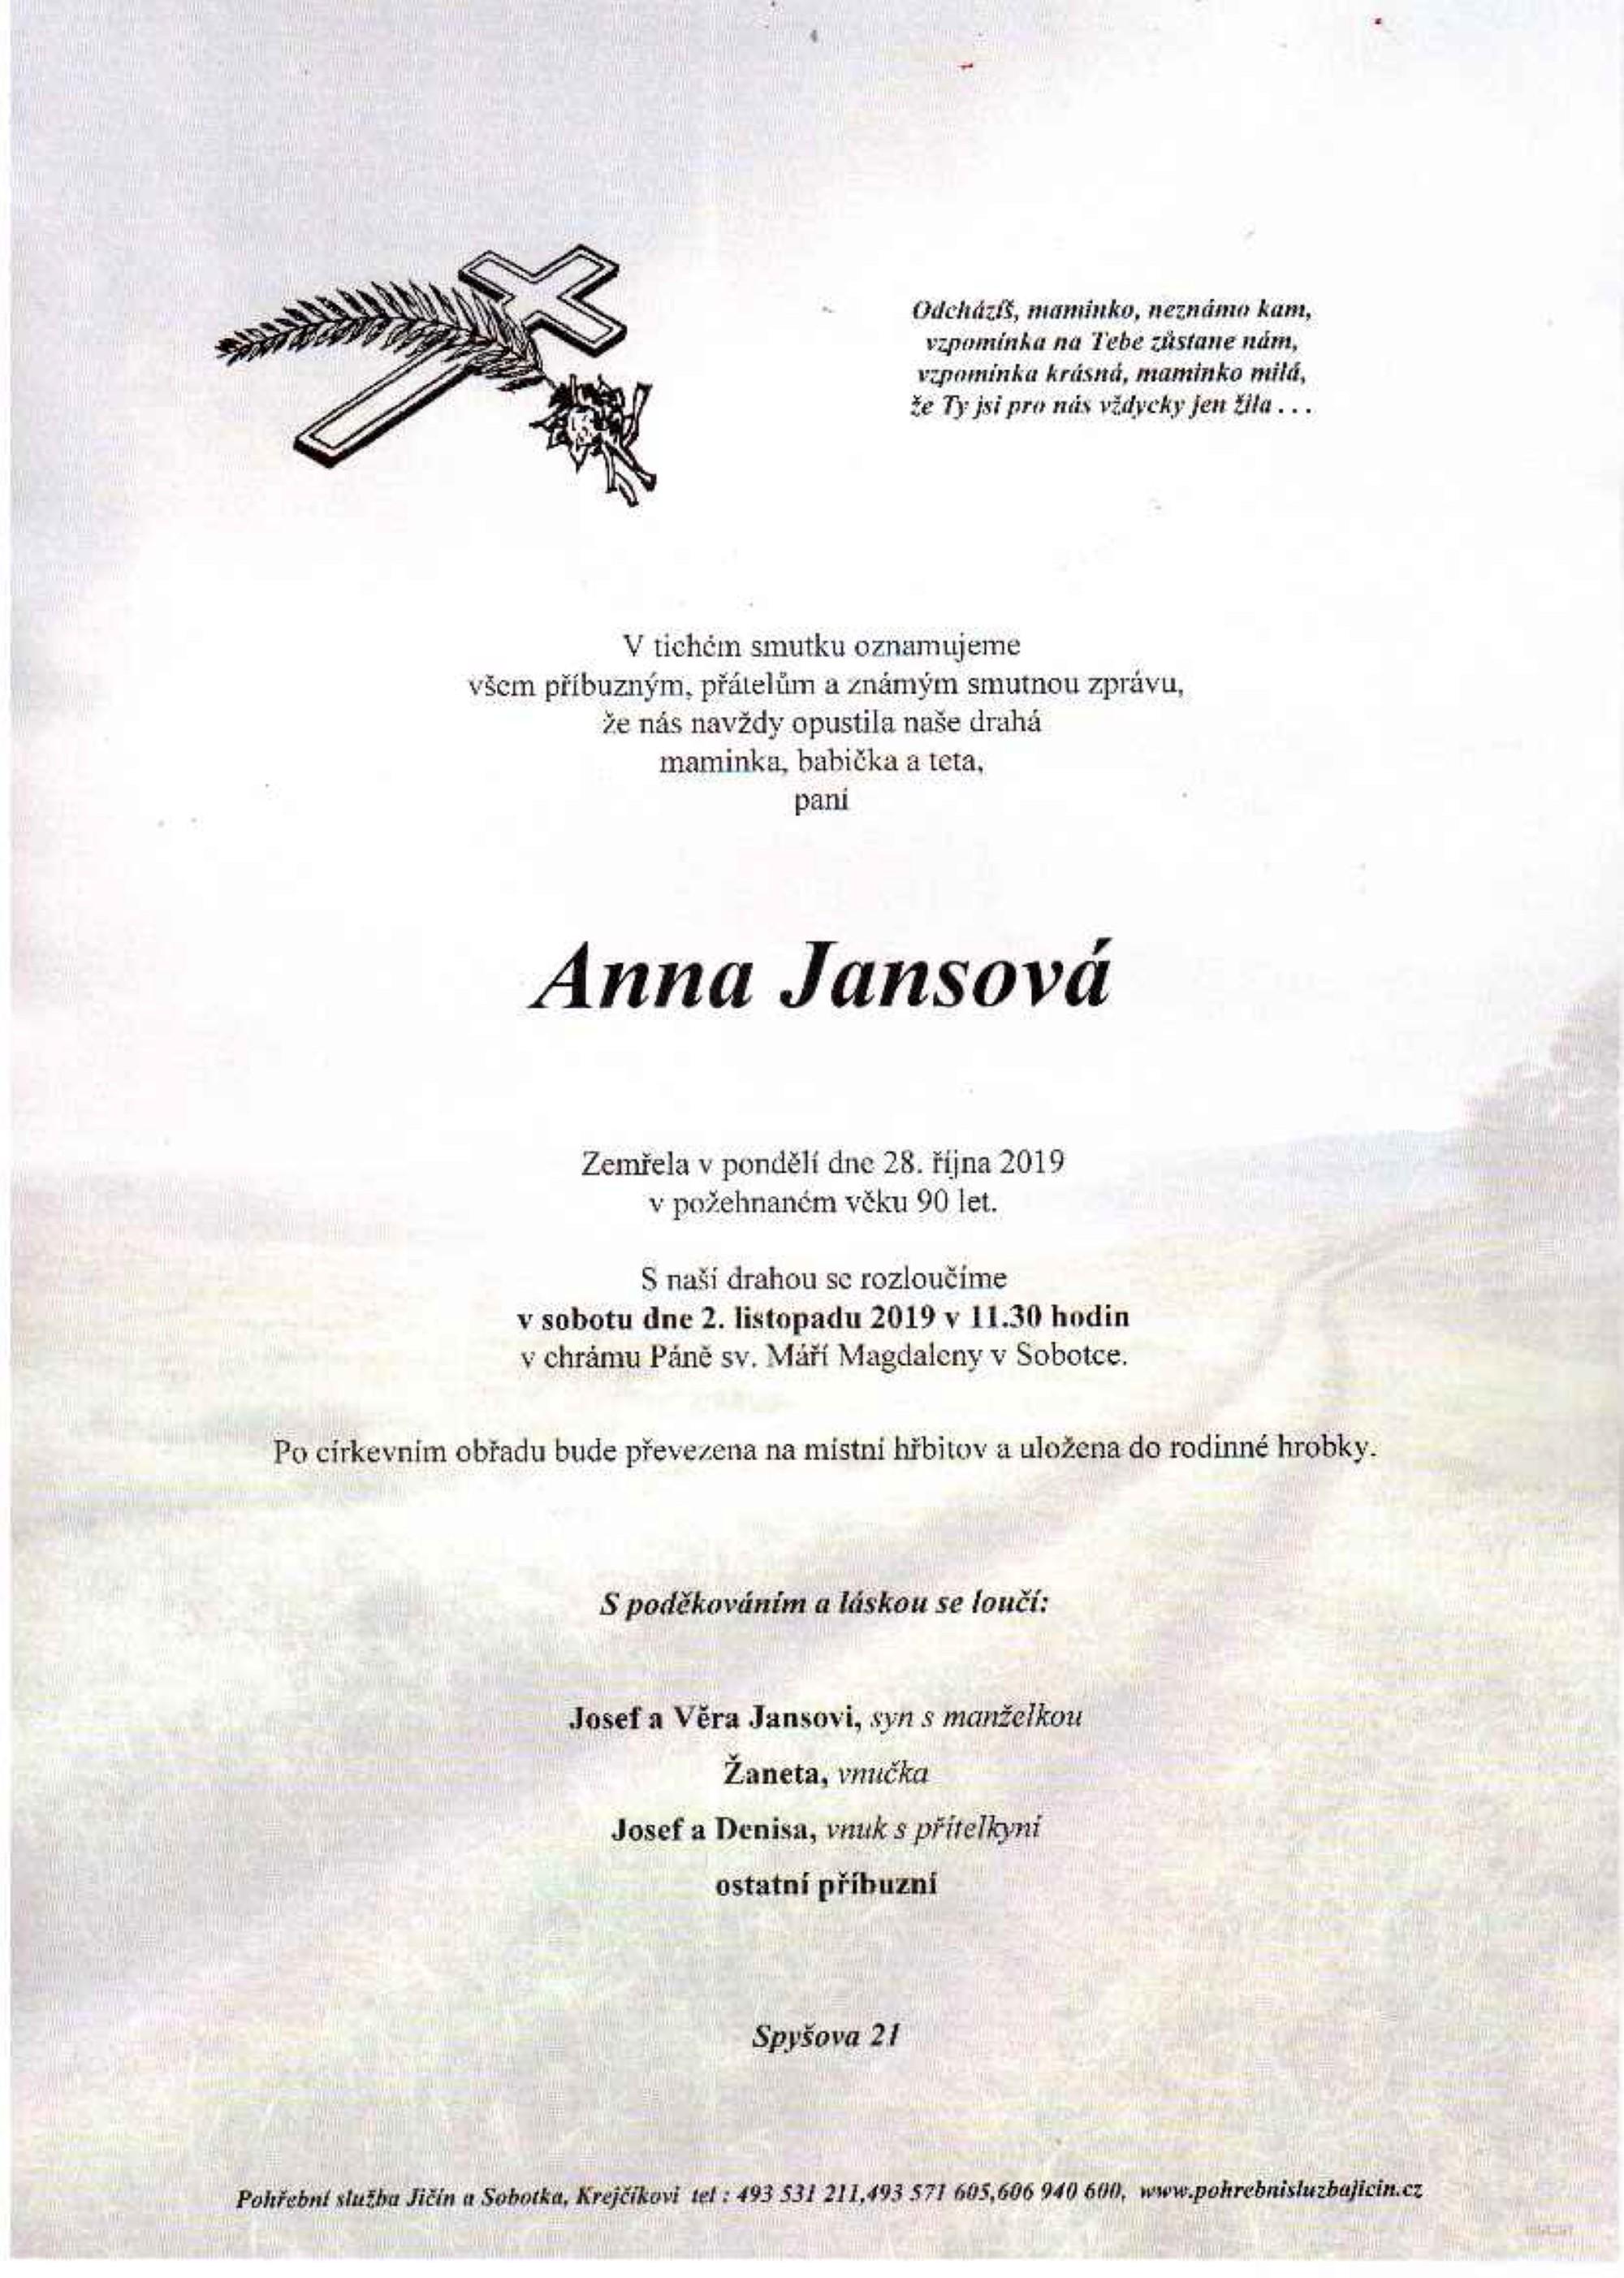 Anna Jansová